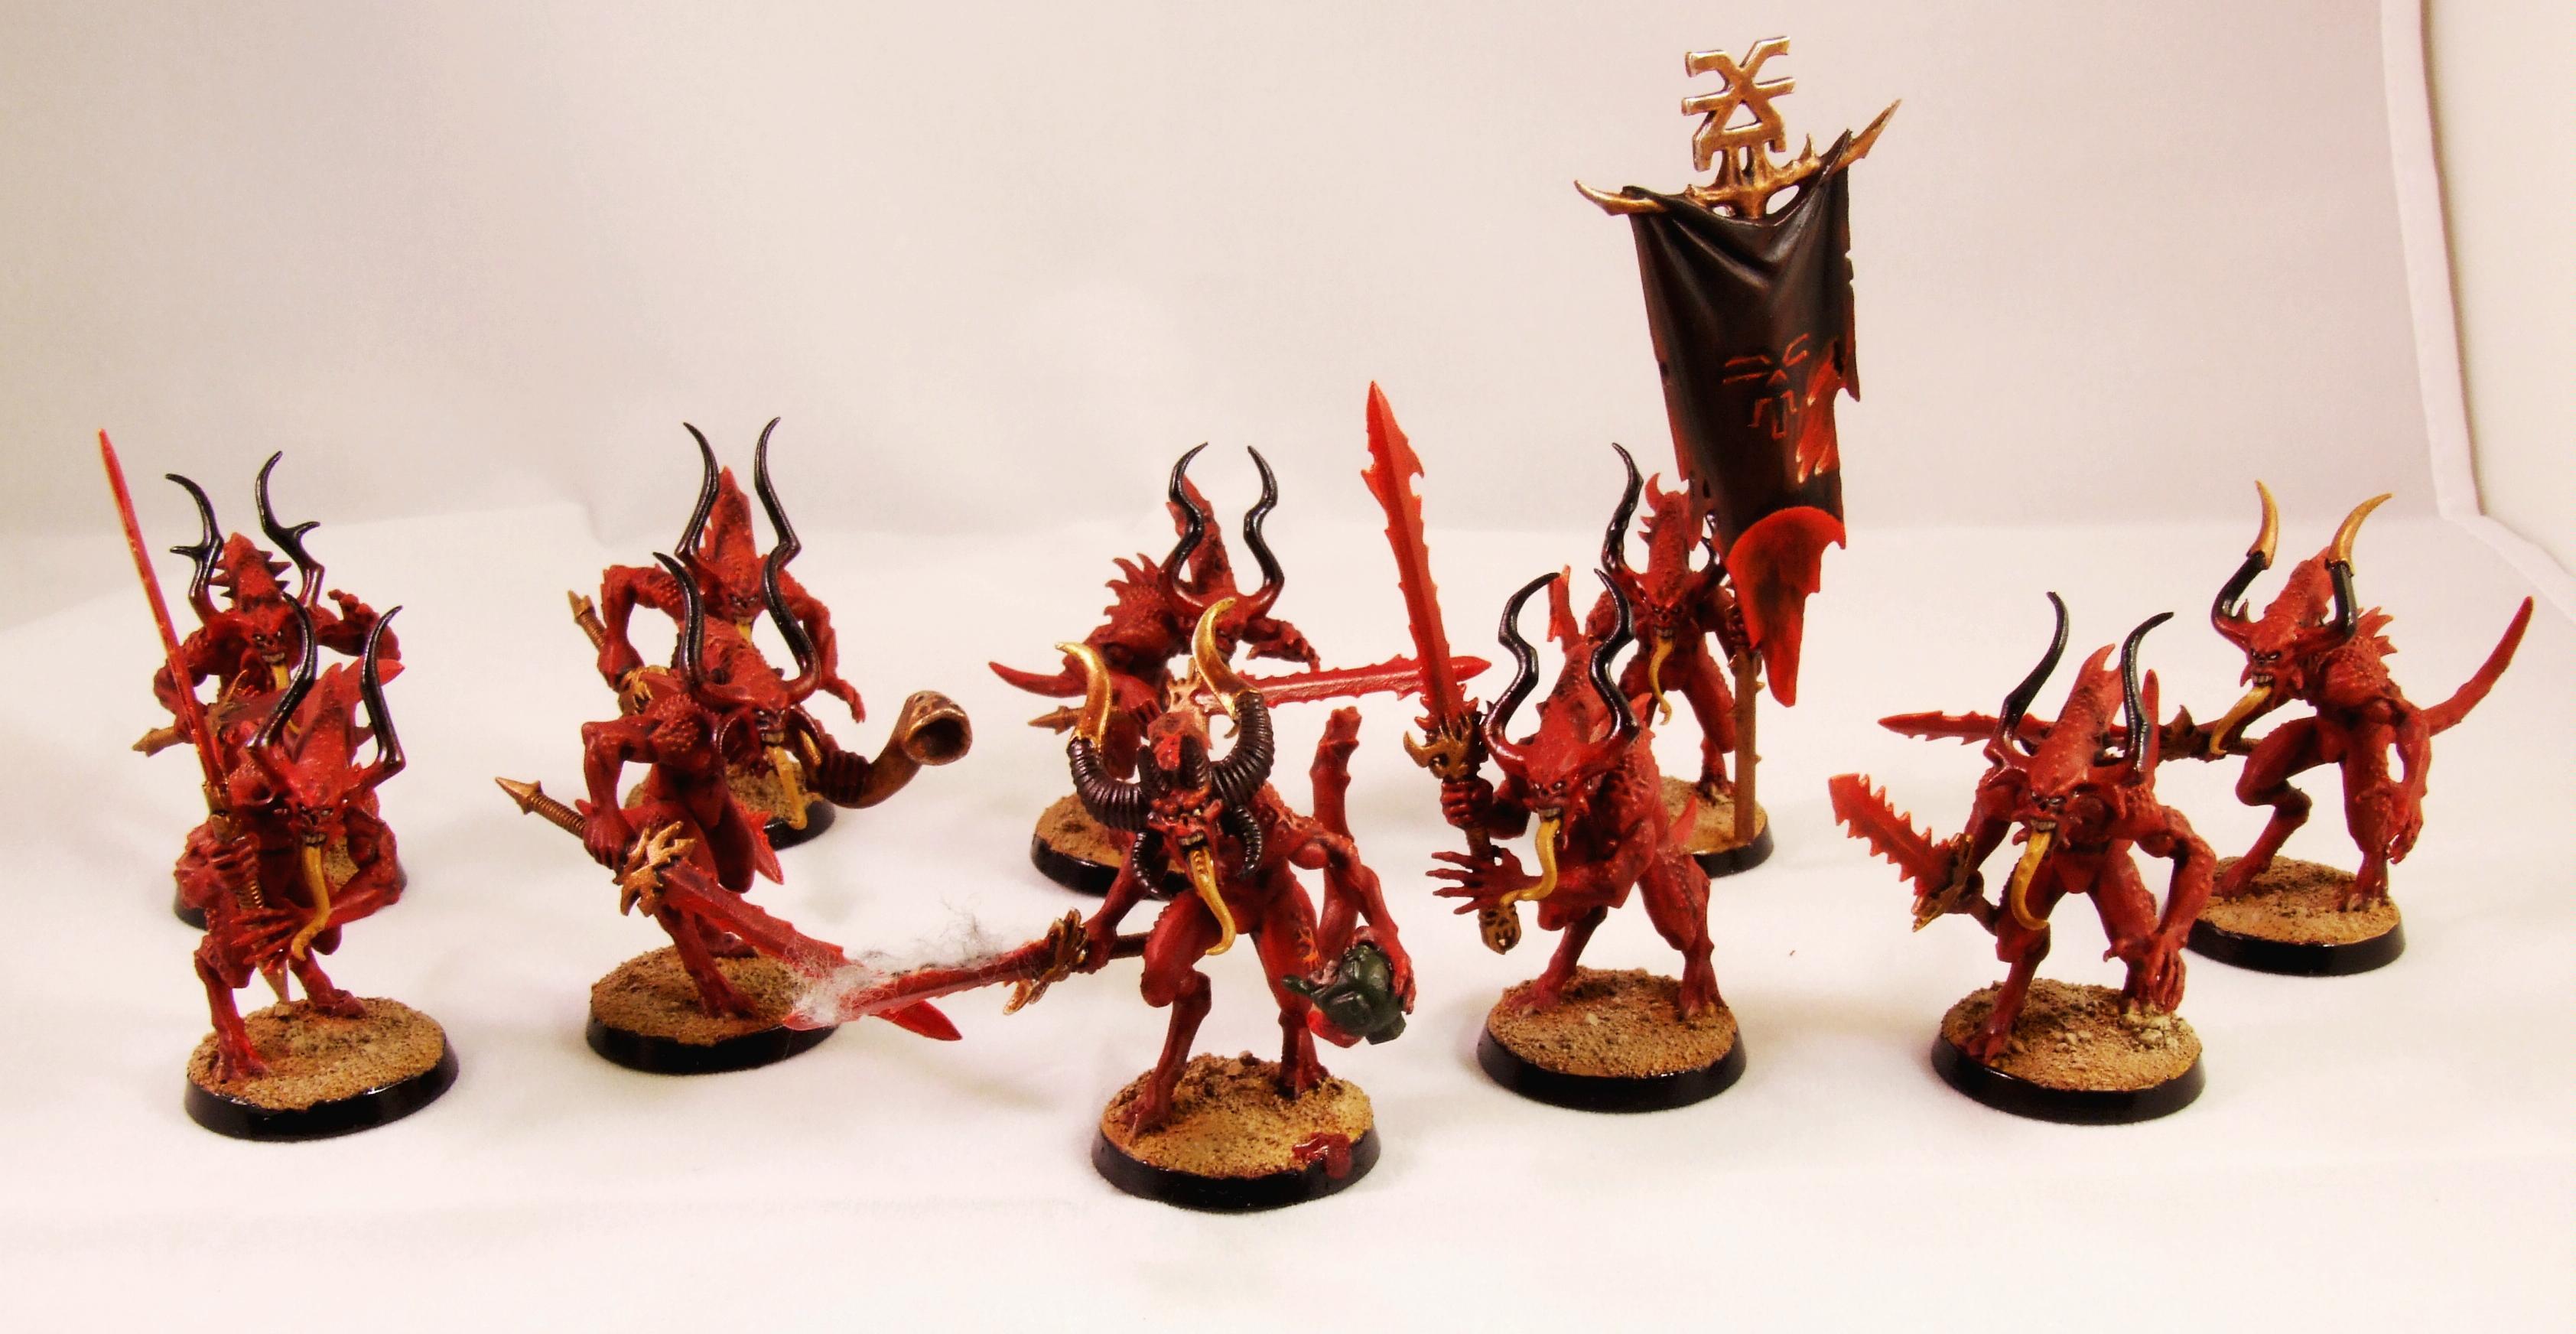 Bloodletters, Daemons, Khorne, Warhammer 40,000